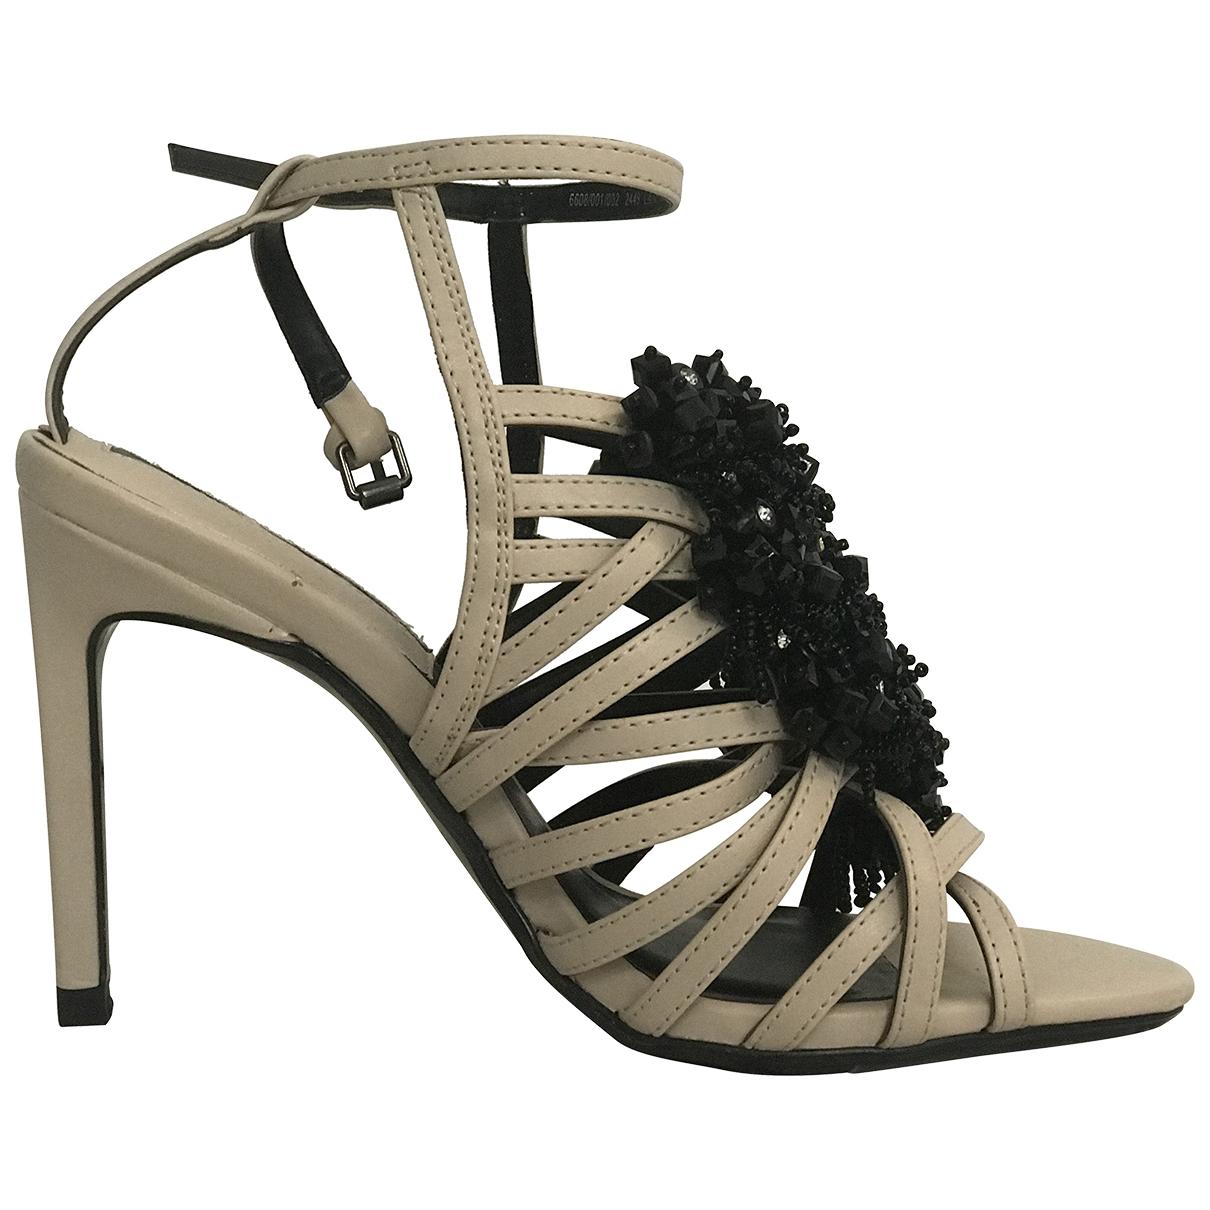 Zara \N Sandalen in  Beige Polyester